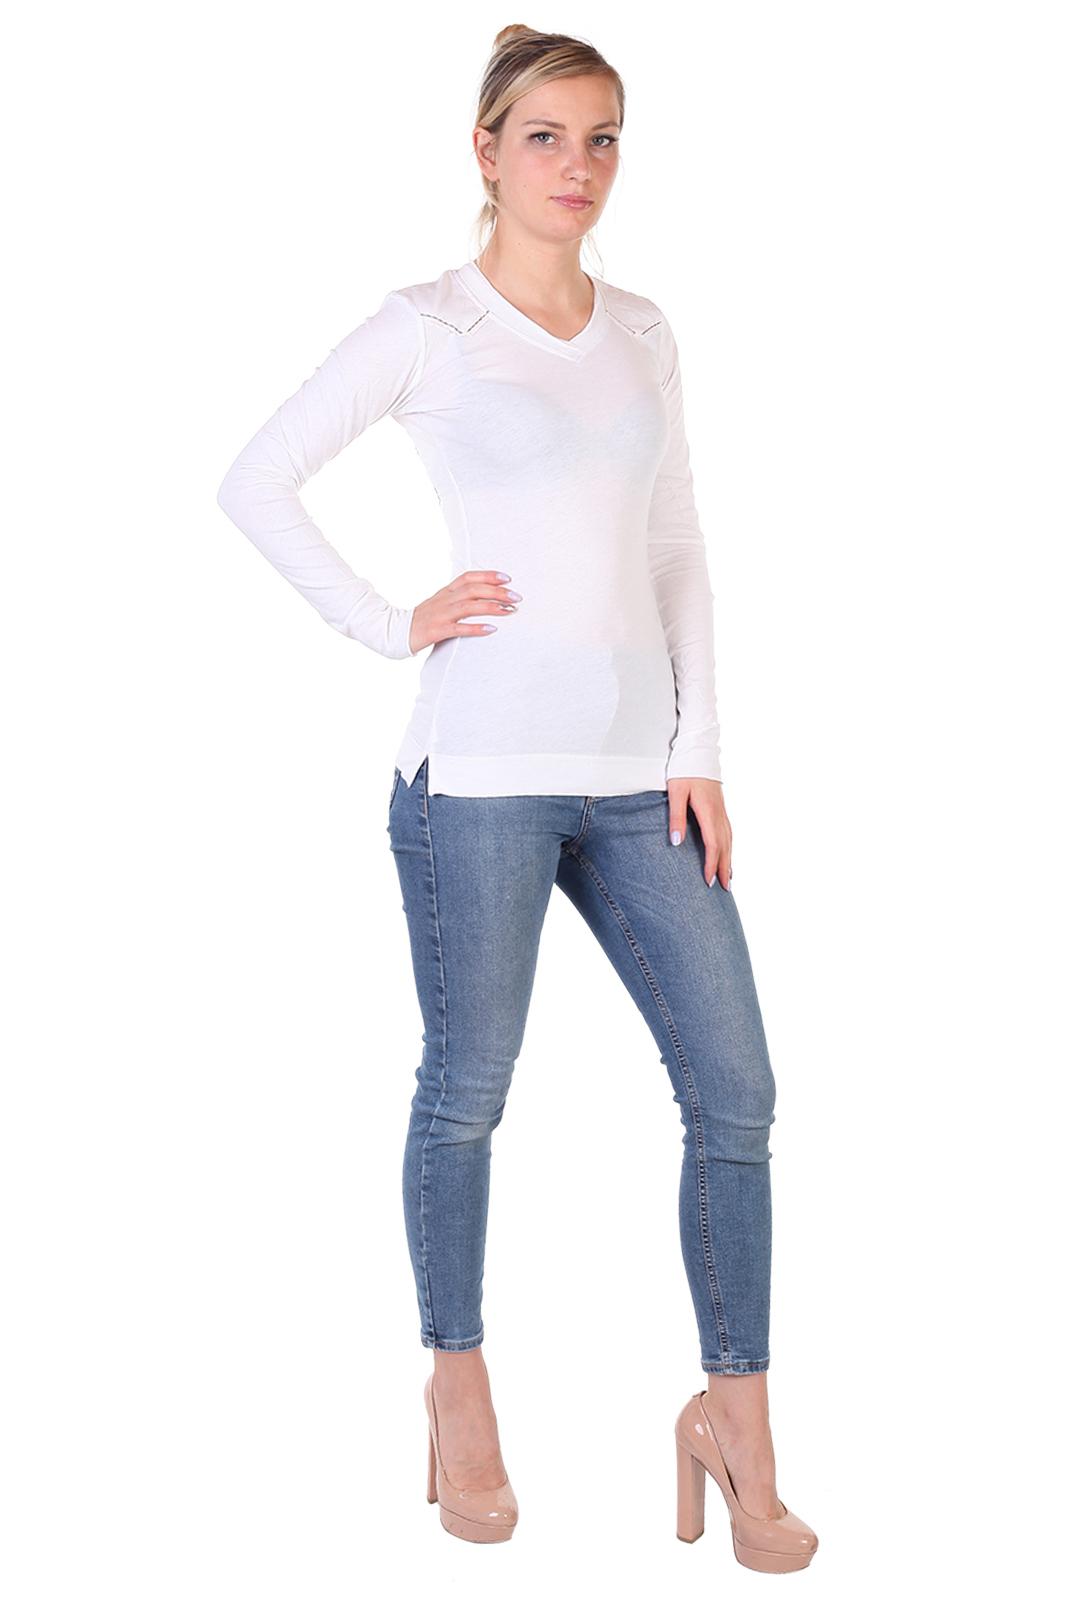 Недорогие женские кофты в белом цвете от ТМ Panhandle Slim